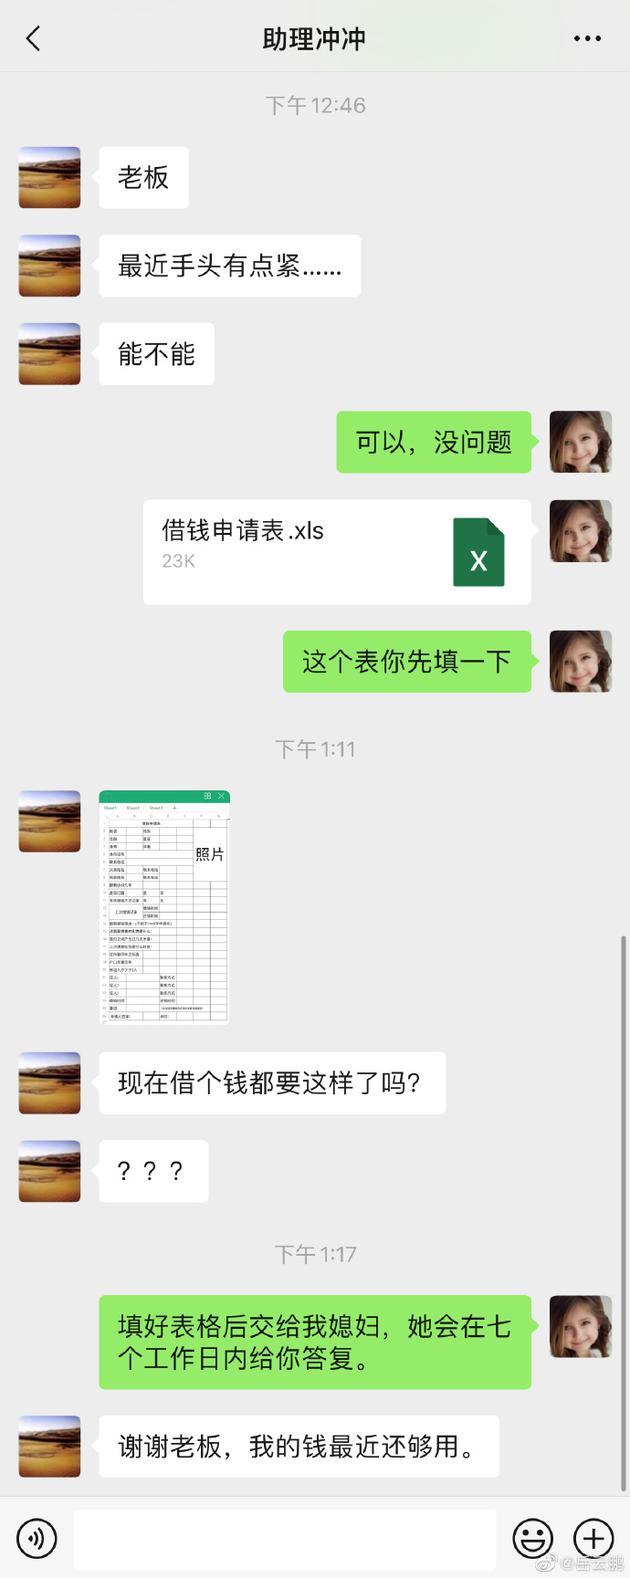 """岳云鹏自制""""借钱申请表"""" 1500字借钱理由劝退"""